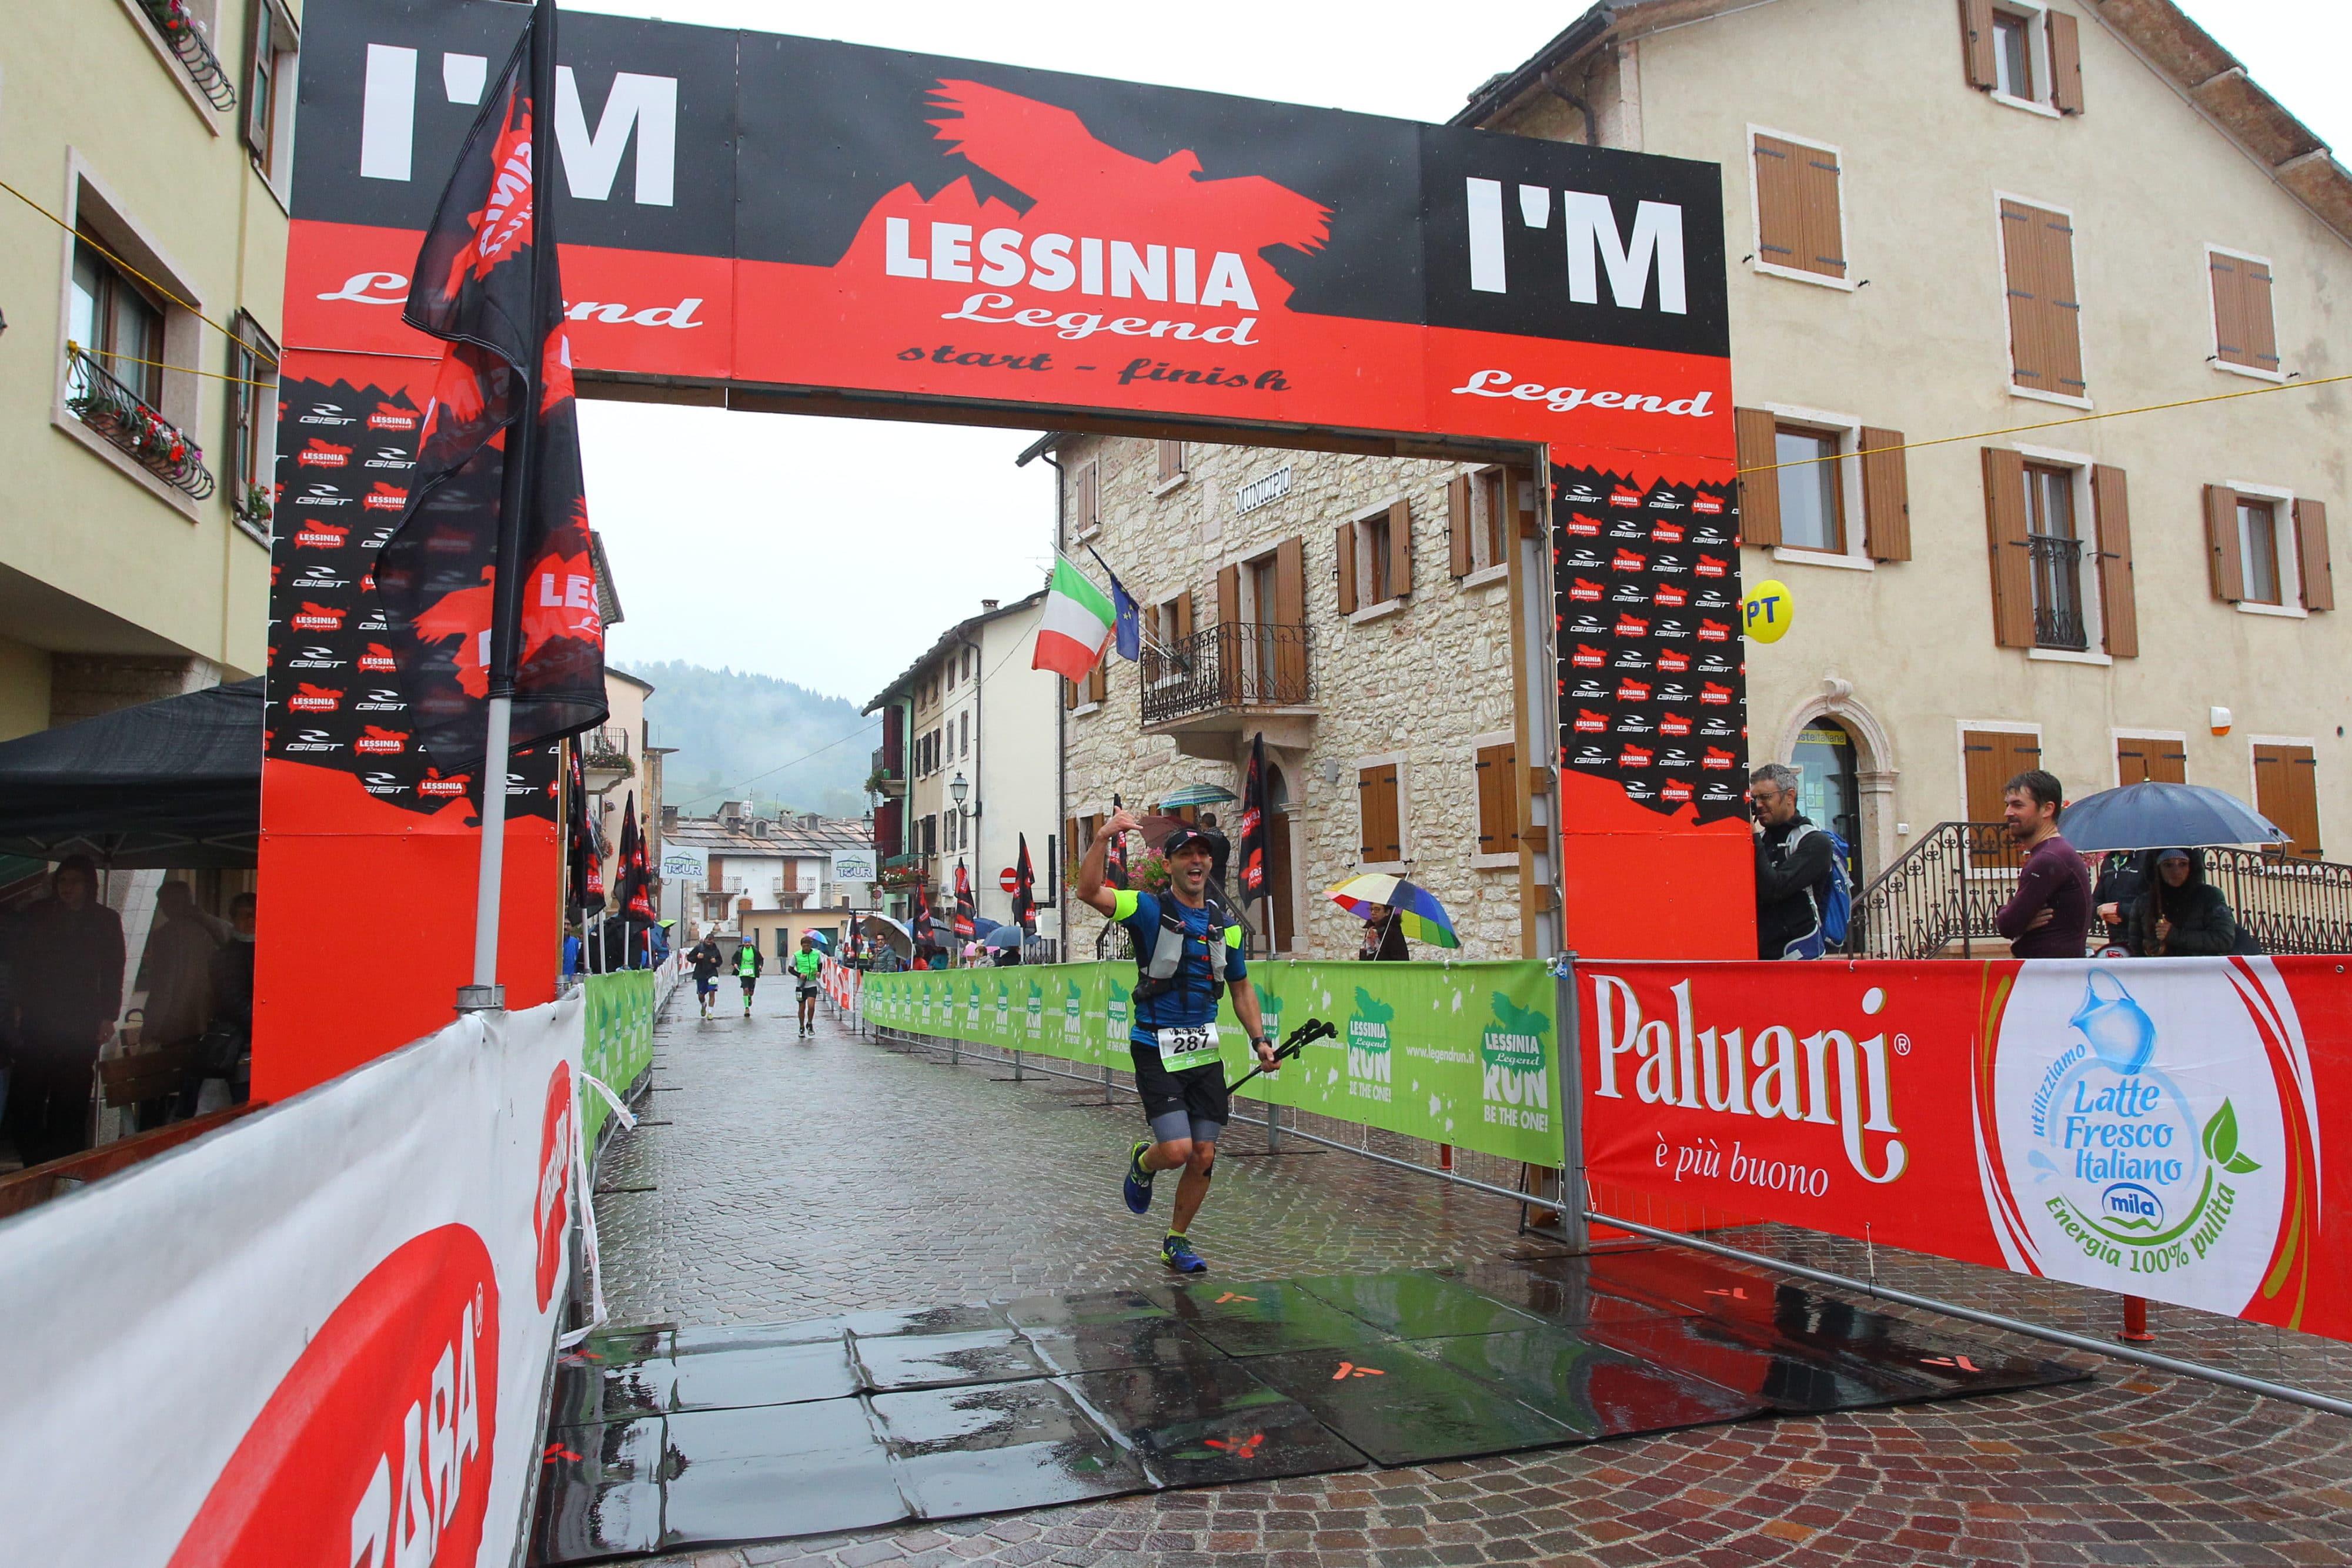 Runnerpercaso | Legend Run 2017 Finisher